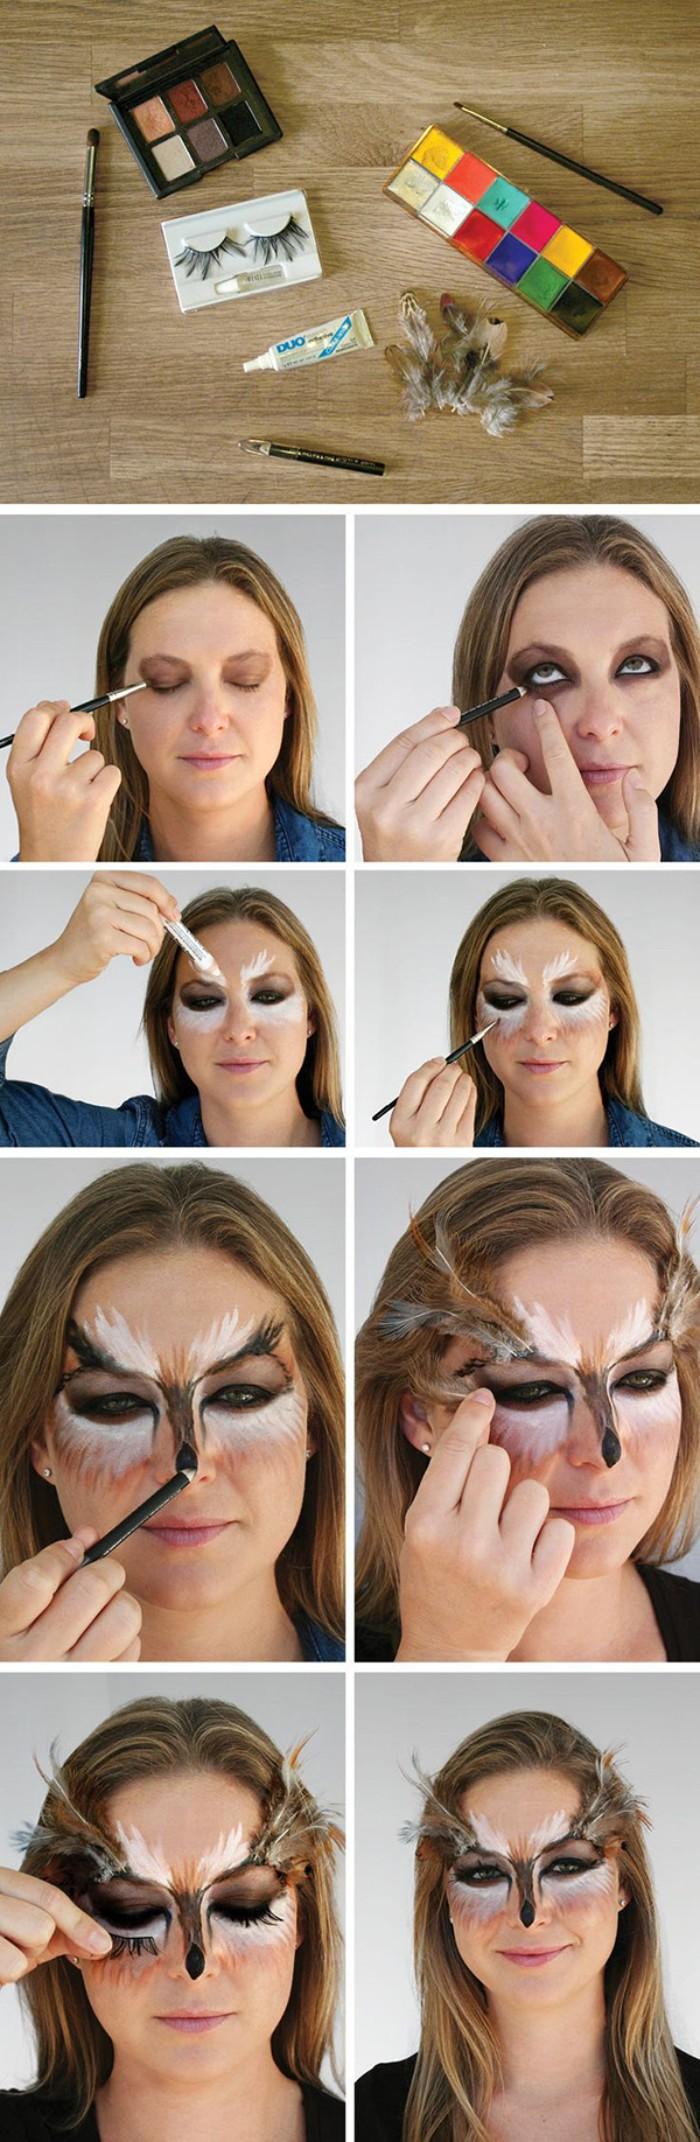 vorbereitung auf das schminken, lidschatten, künstliche wimpern, kleber, bilderanleitung, halloween schminktipps, tier